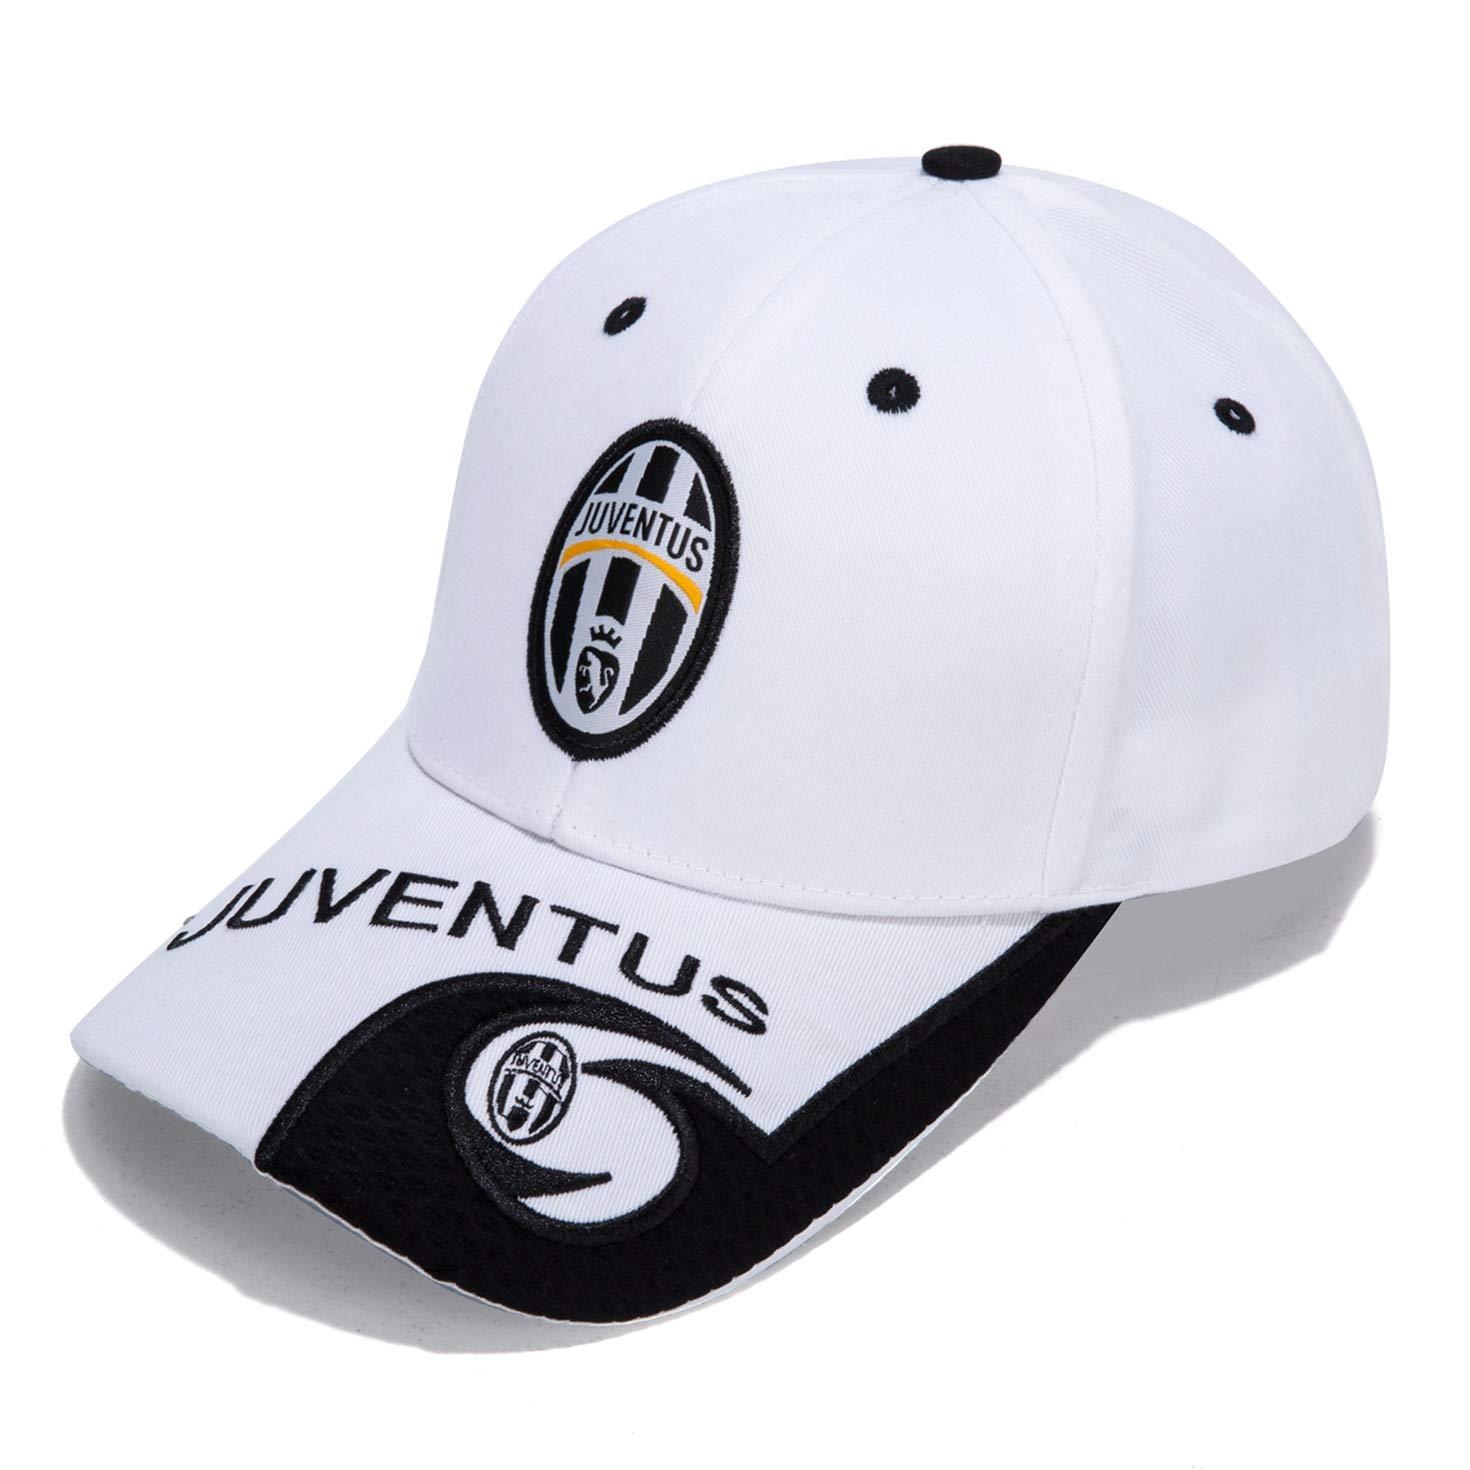 CaiLLYOJHO F.C Bestickt verstellbar Cap Juventus Herren Baseballkappe